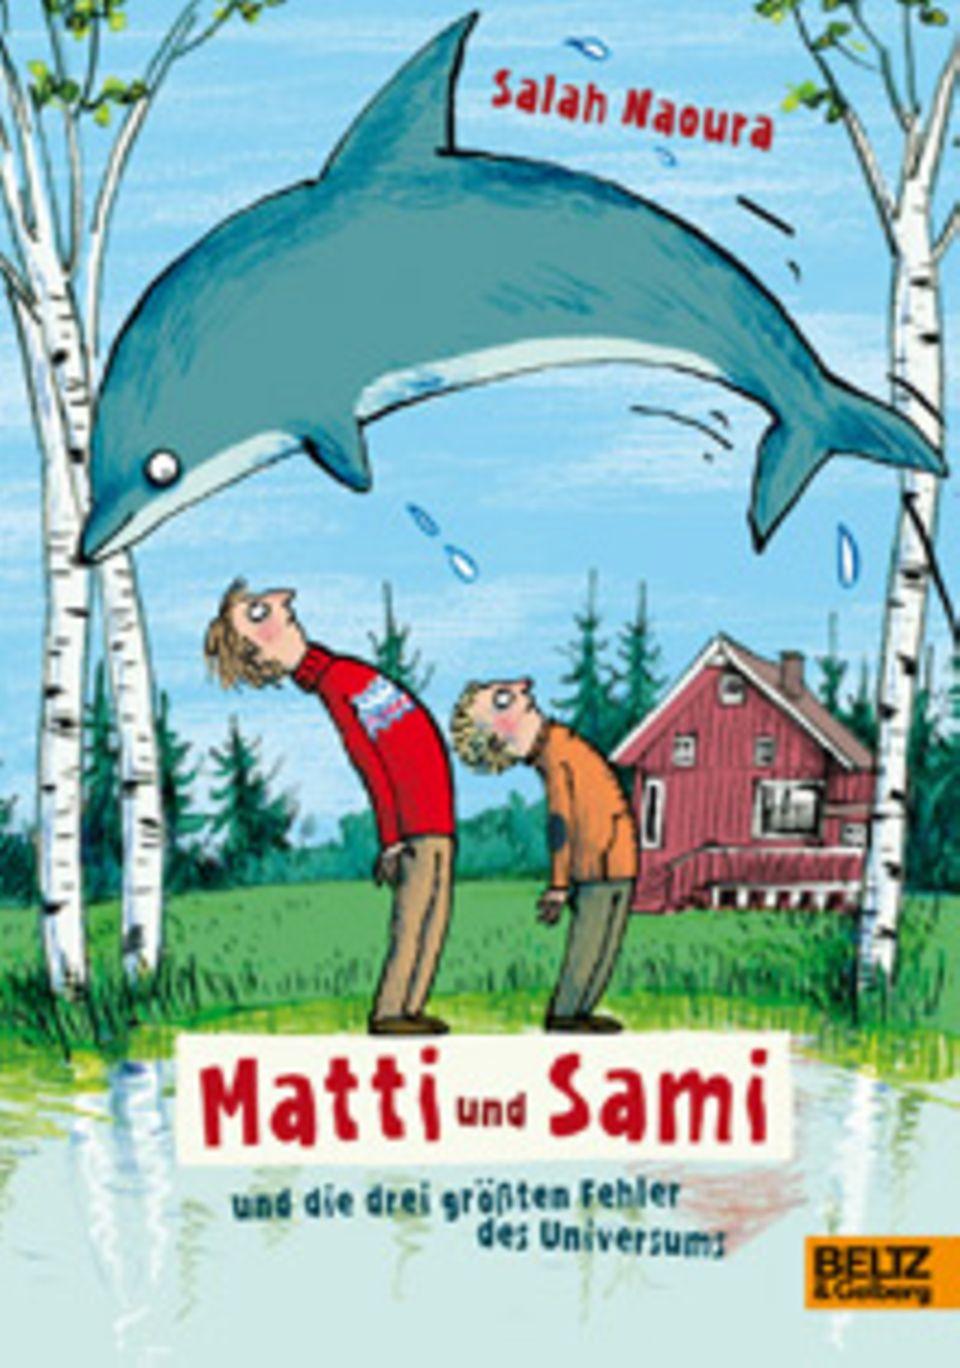 Hörbuch: Salah Naouras Geschichte von Matti und seiner Lüge von Finnland